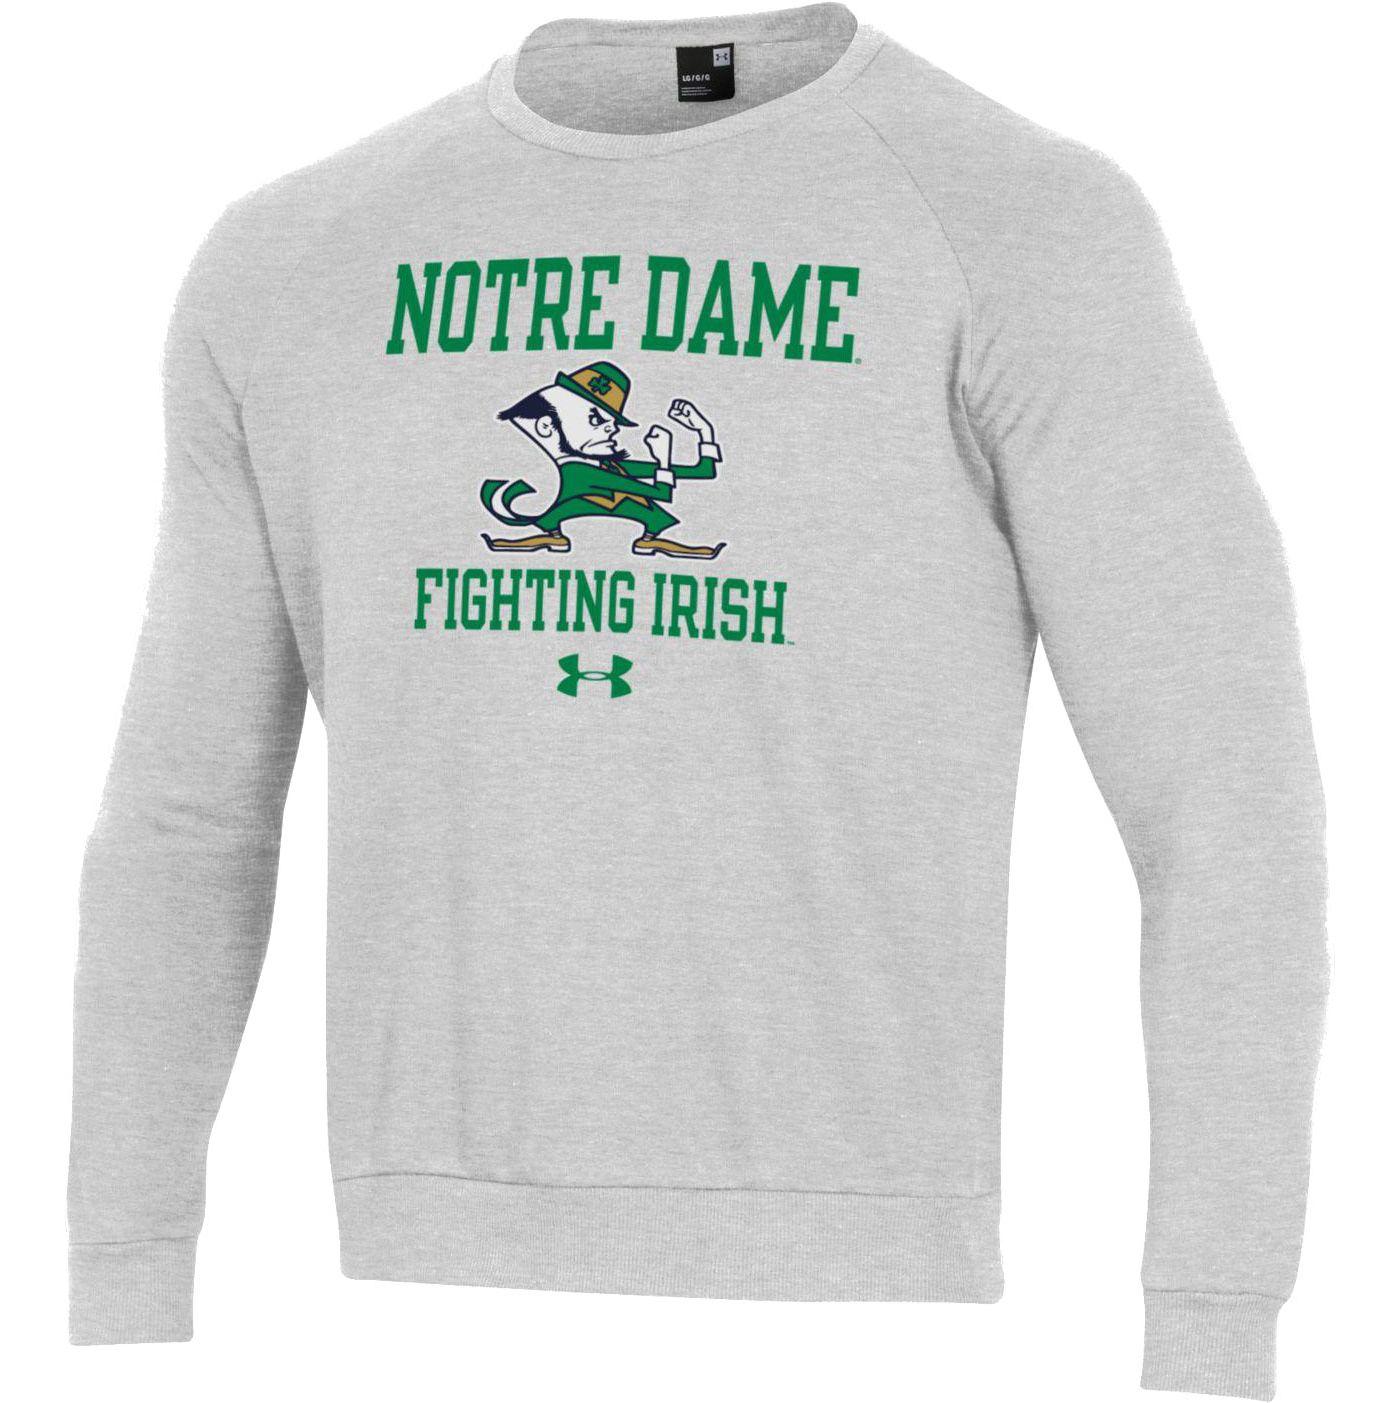 Under Armour Men's Notre Dame Fighting Irish Grey All Day Fleece Crew Sweatshirt